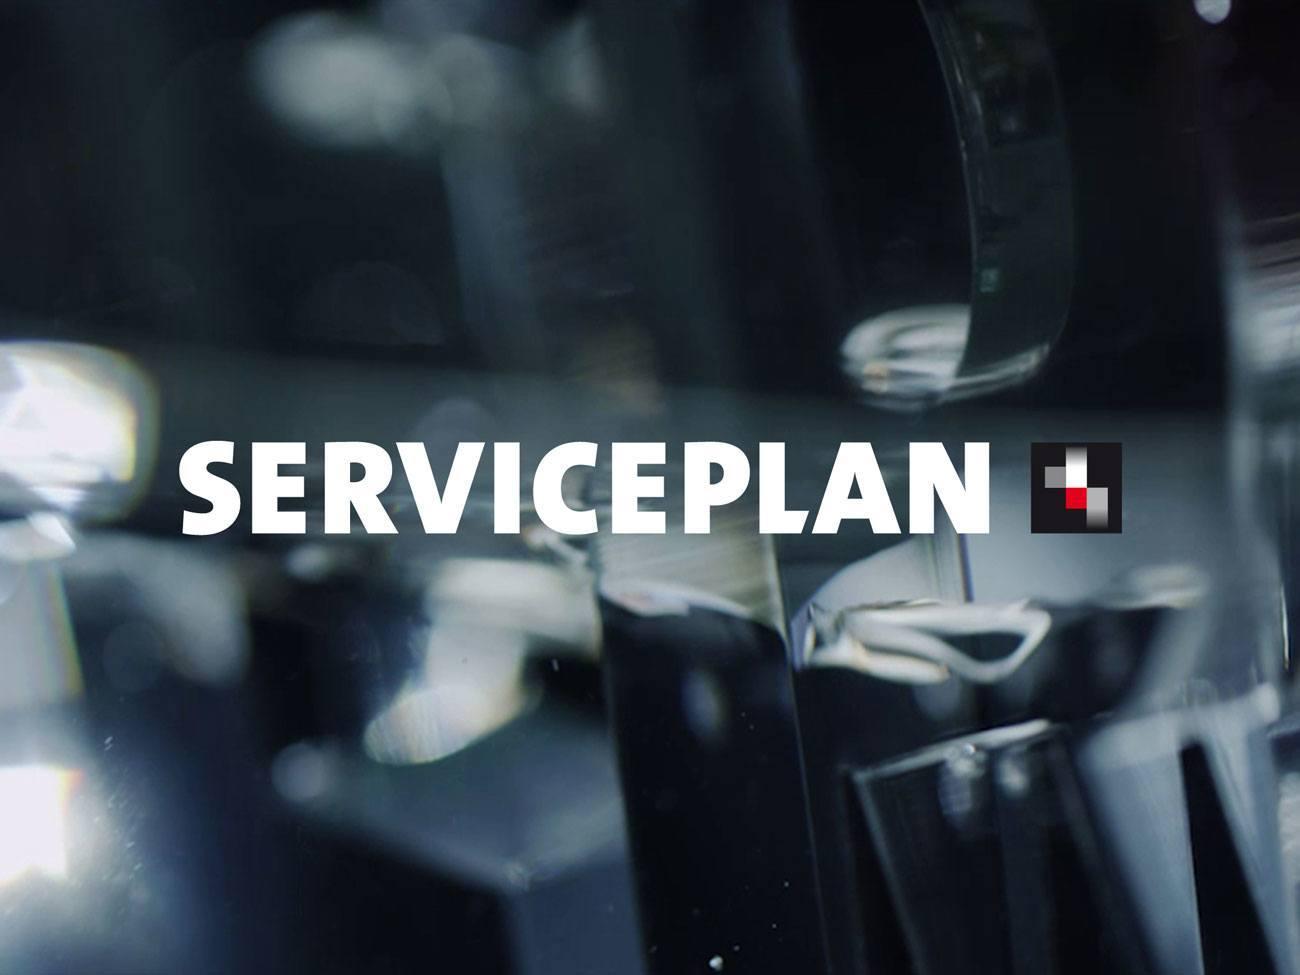 Kreation_serviceplan_logos_072015_teaser